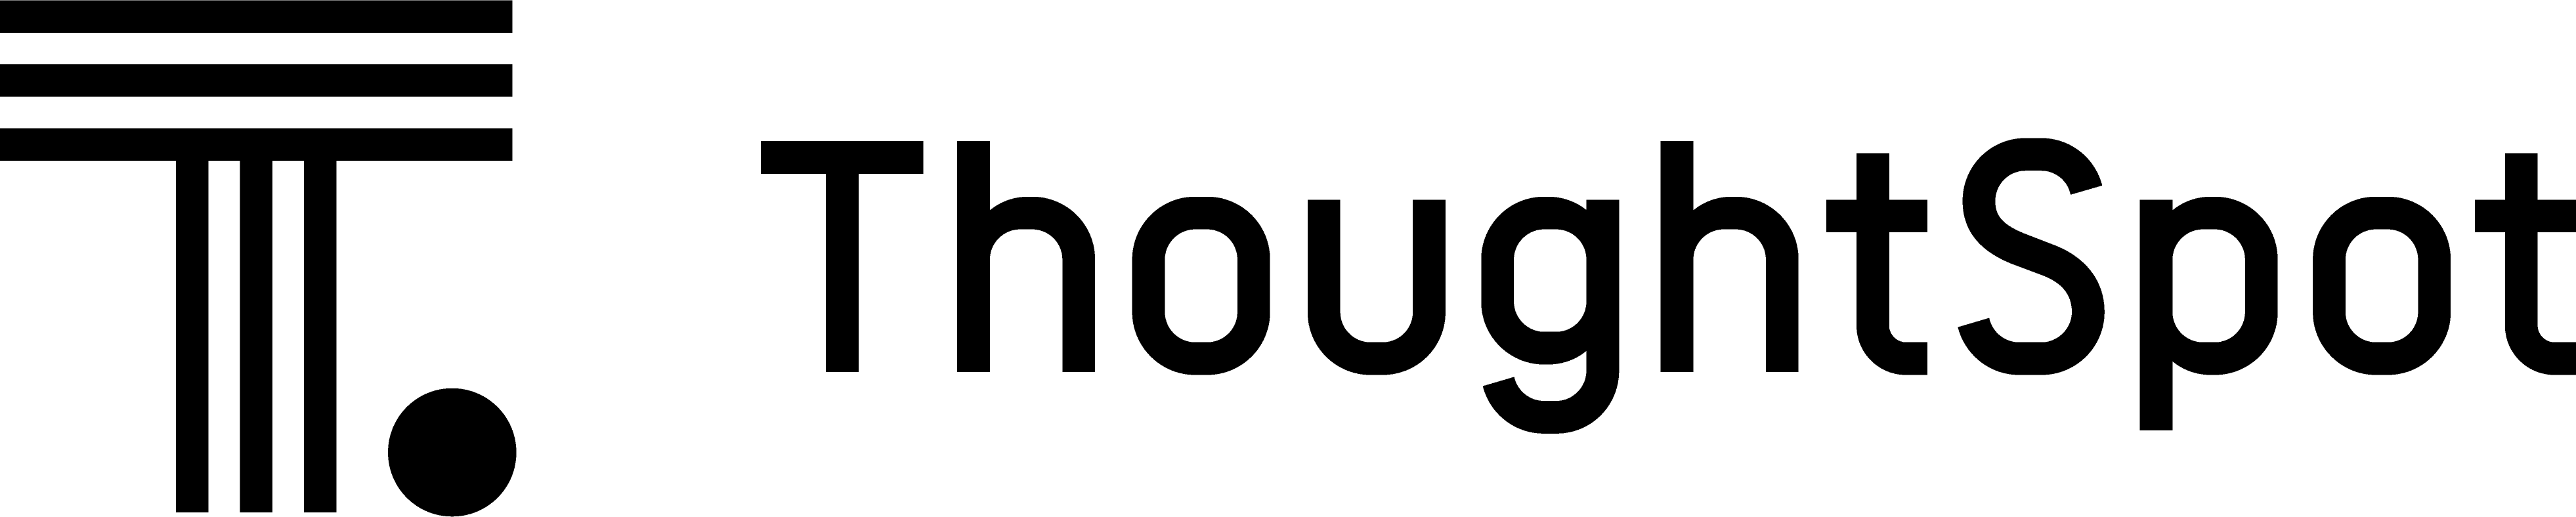 TS-SymbolWordmark-Black